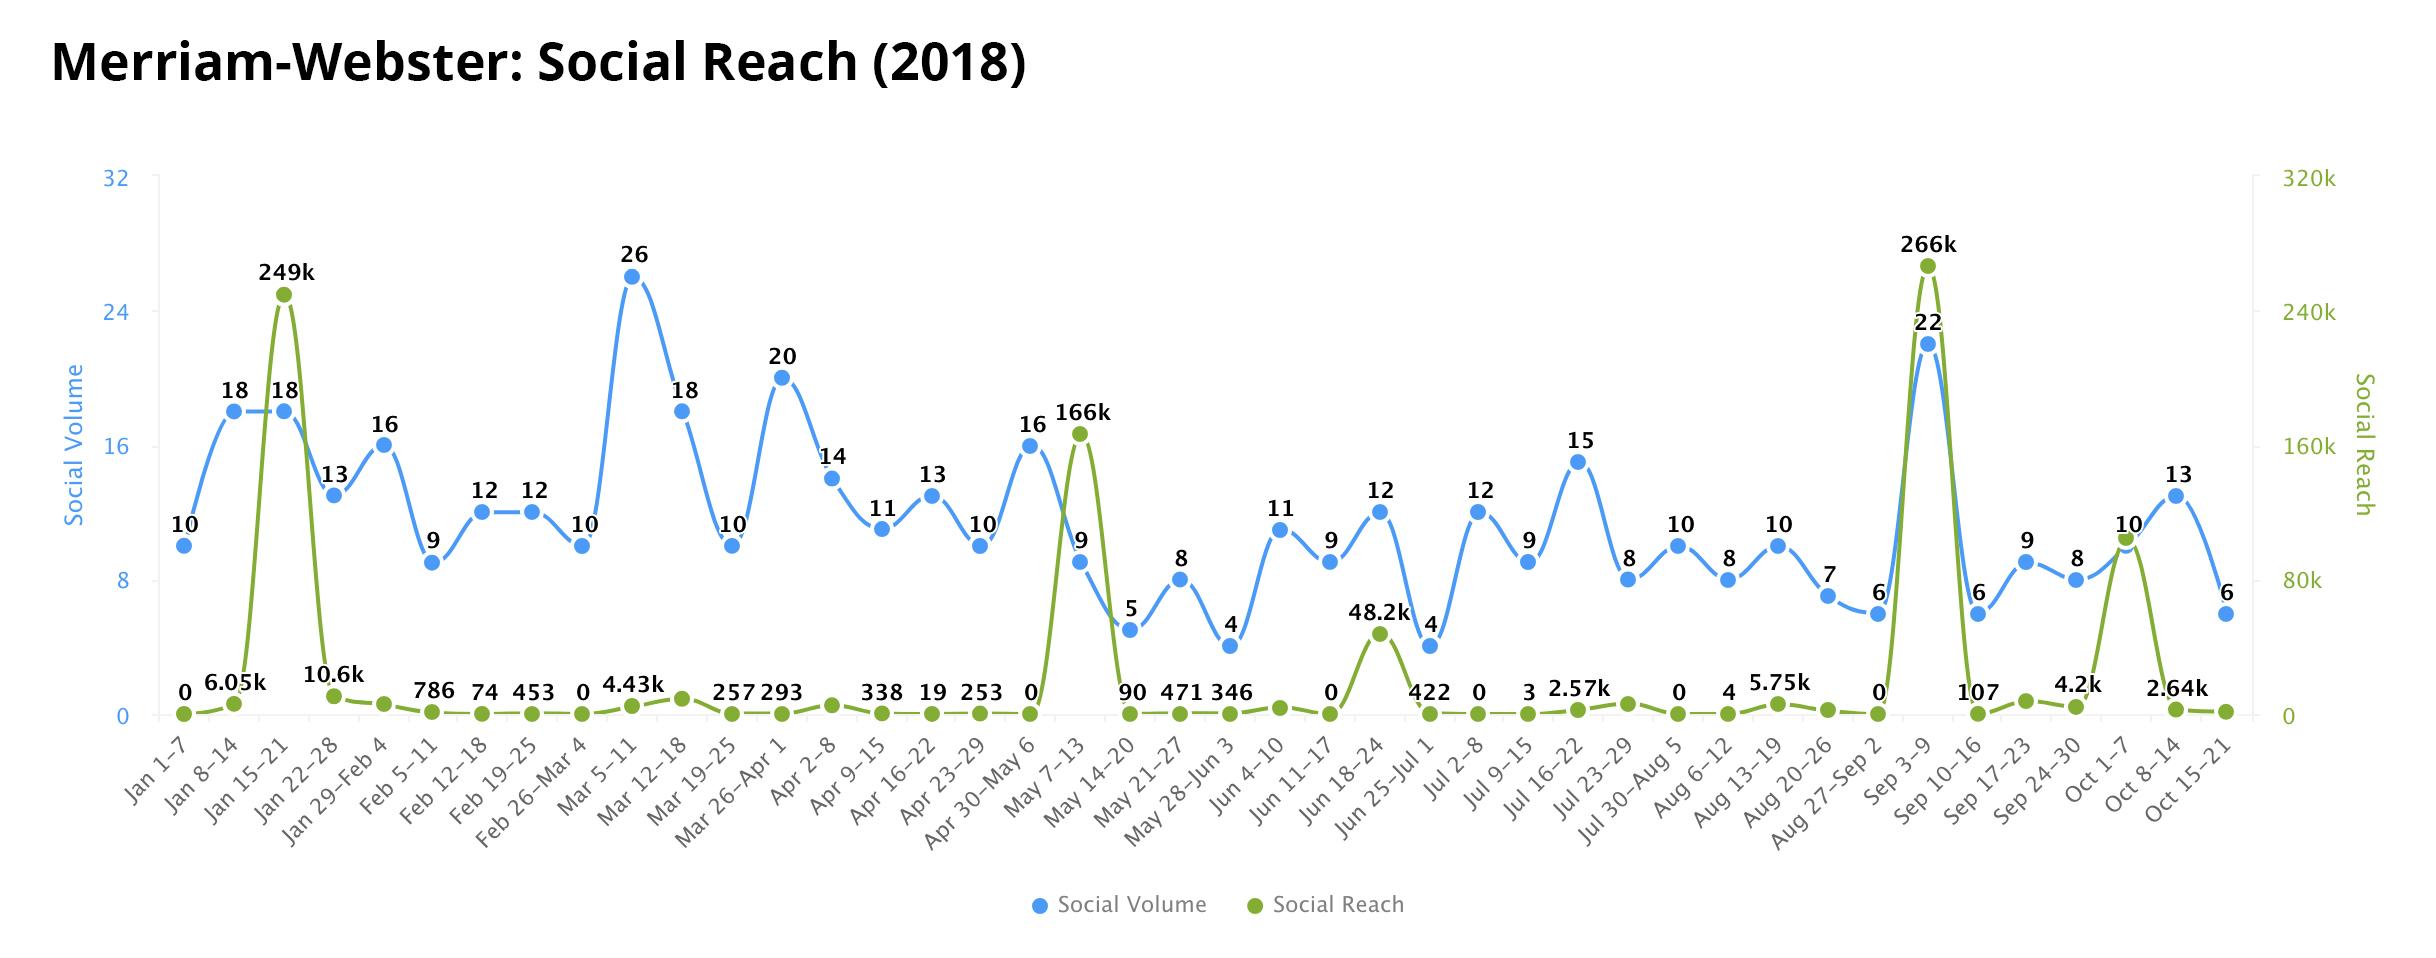 Merrian-Webster Social Media Reach 2018.jpg